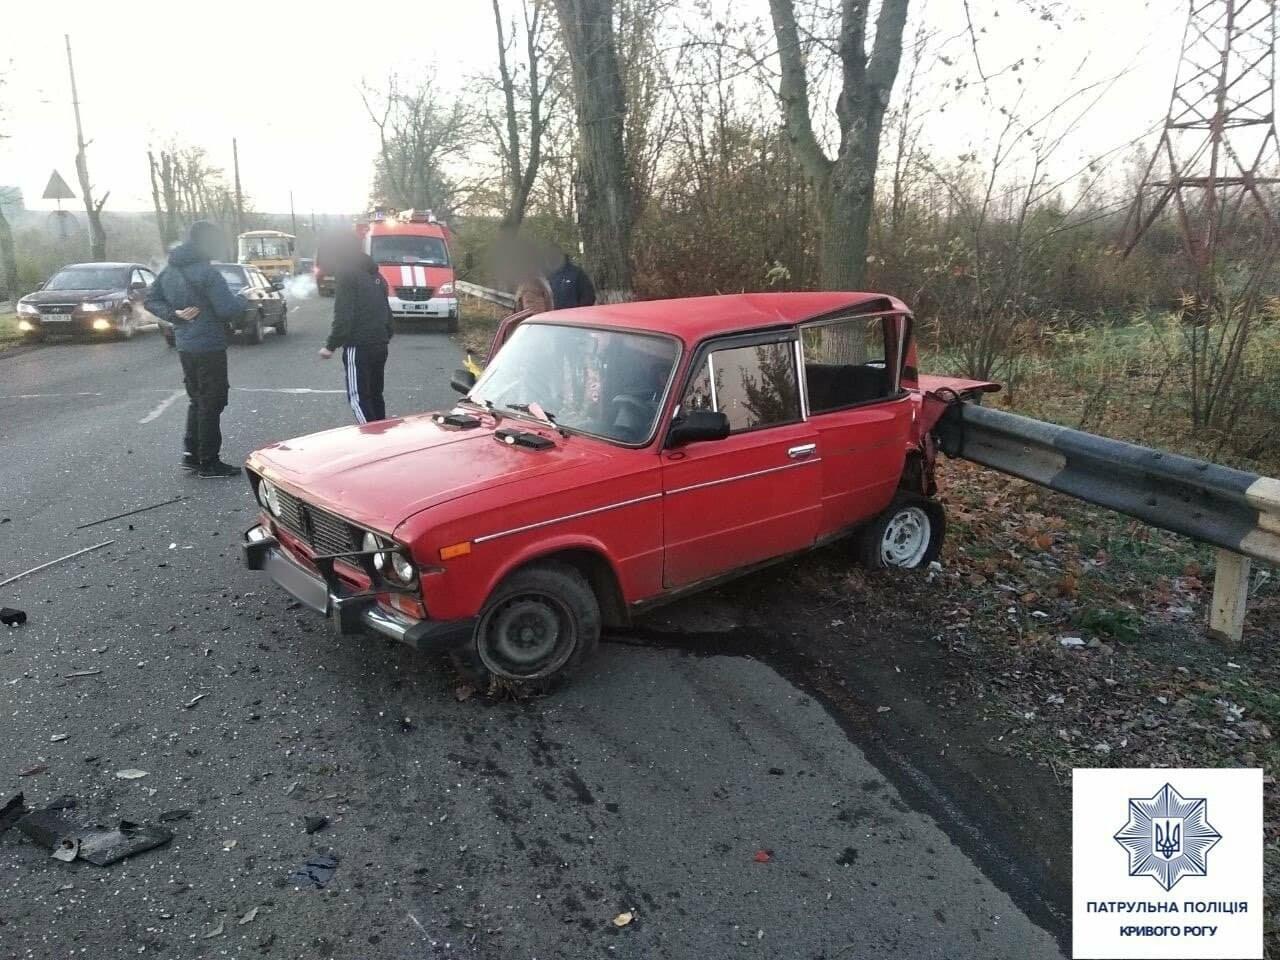 Volkswagen не выбрал безопасную скорость, - в полиции уточнили обстоятельства смертельного ДТП в Кривом Роге, - ФОТО, фото-3